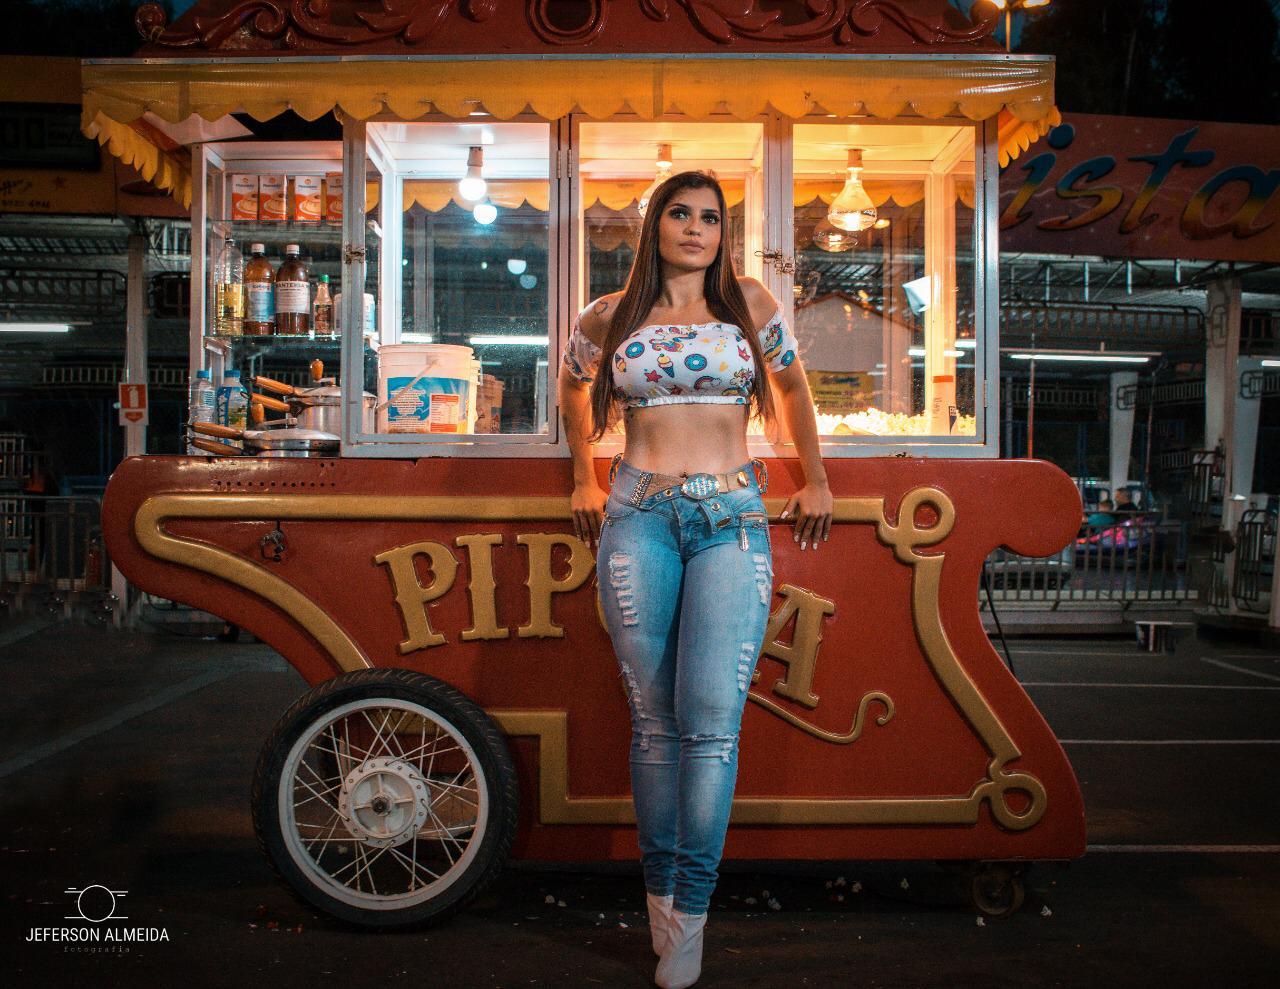 Piracicabana aproveita a quarentena para ajudar e incentivar pessoas nas redes sociais